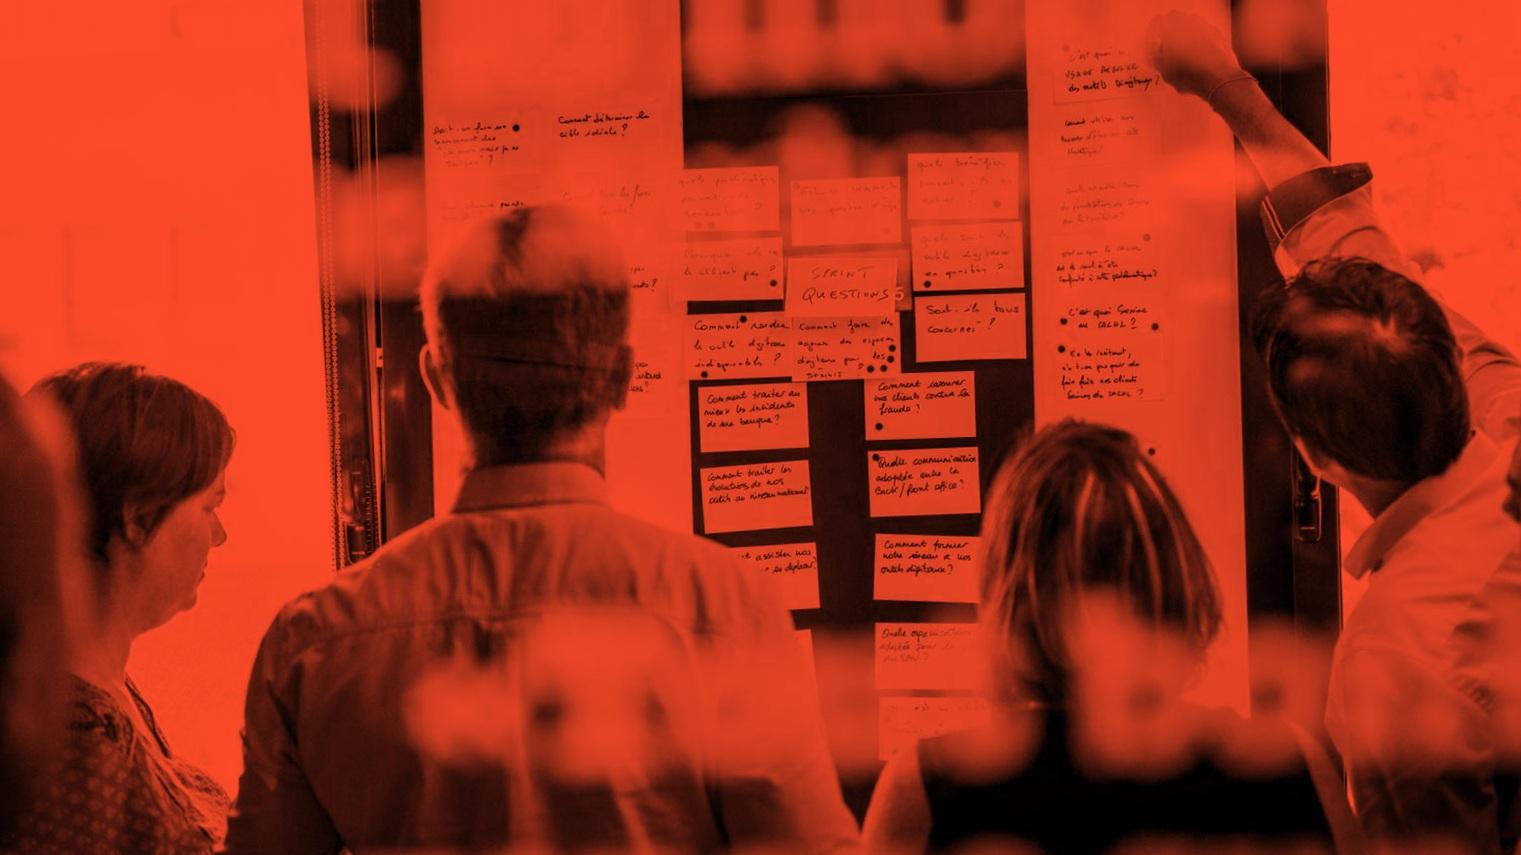 Formation design sprint/design thinking - Un mix de méthodes provenant du lean ux, du designthinking, de l'agile…la formation vous permettra d'acquérir les outils nécessaires pour mener à bien vos projets d'innovants.